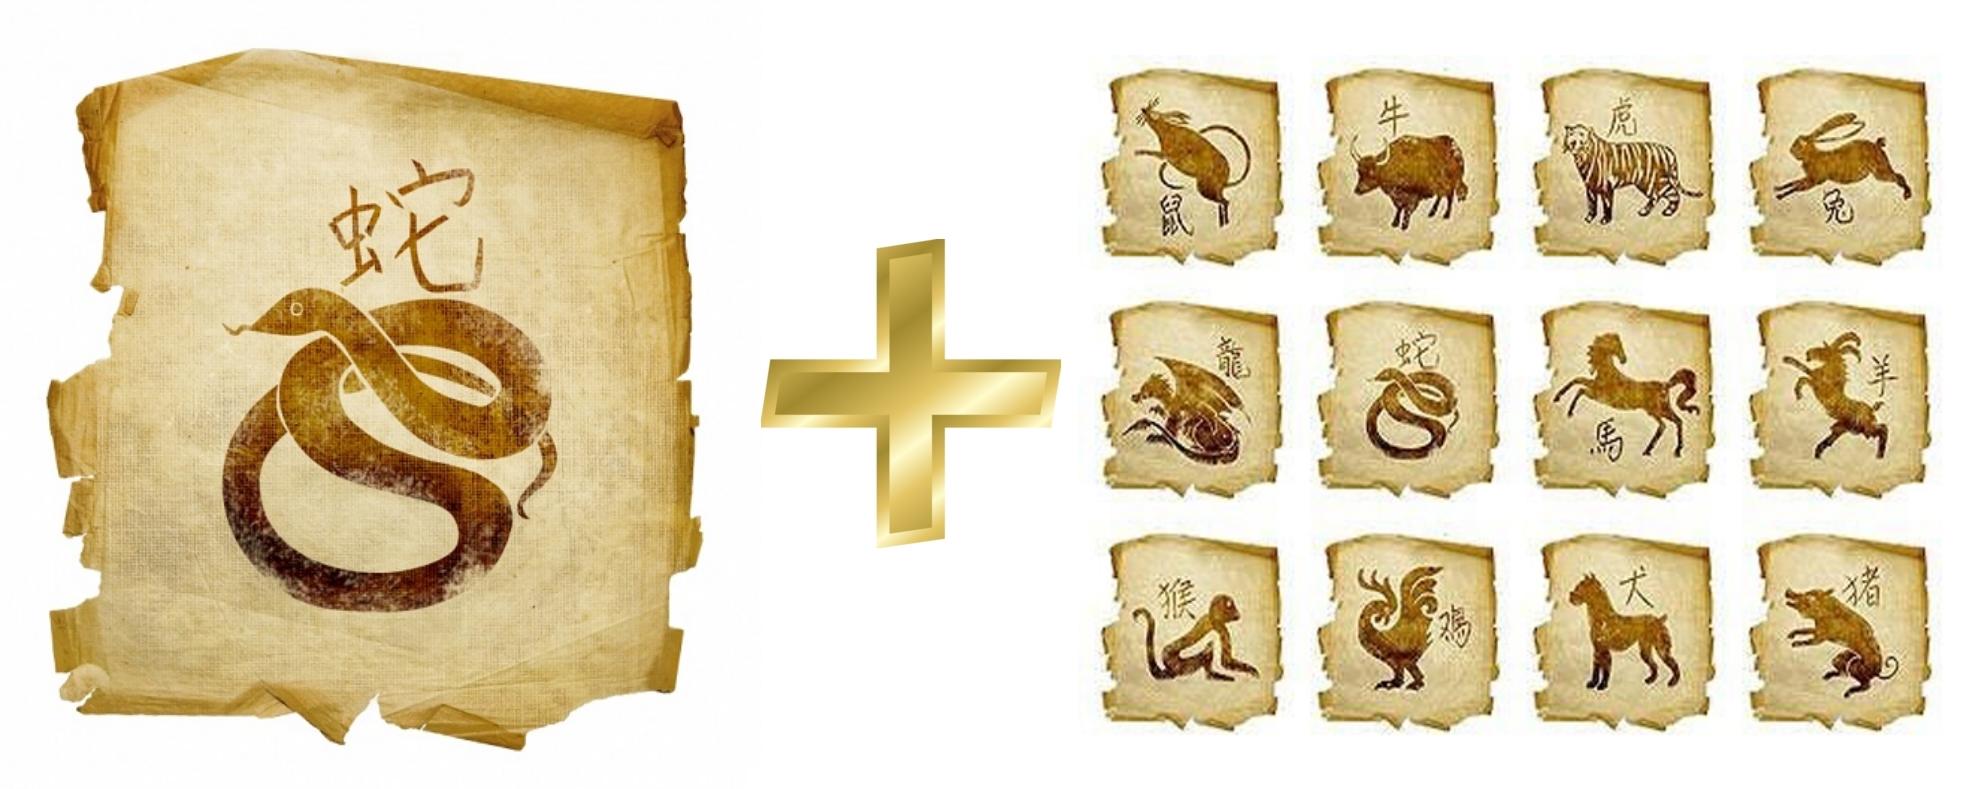 Змея: гороскоп совместимости мужчины и женщины в любви с другими знаками. Змея и Тигр, Крыса, Свинья, Собака, Лошадь, Петух, Обезьяна, Коза (Овца), Змея, Дракон, Кролик, Бык